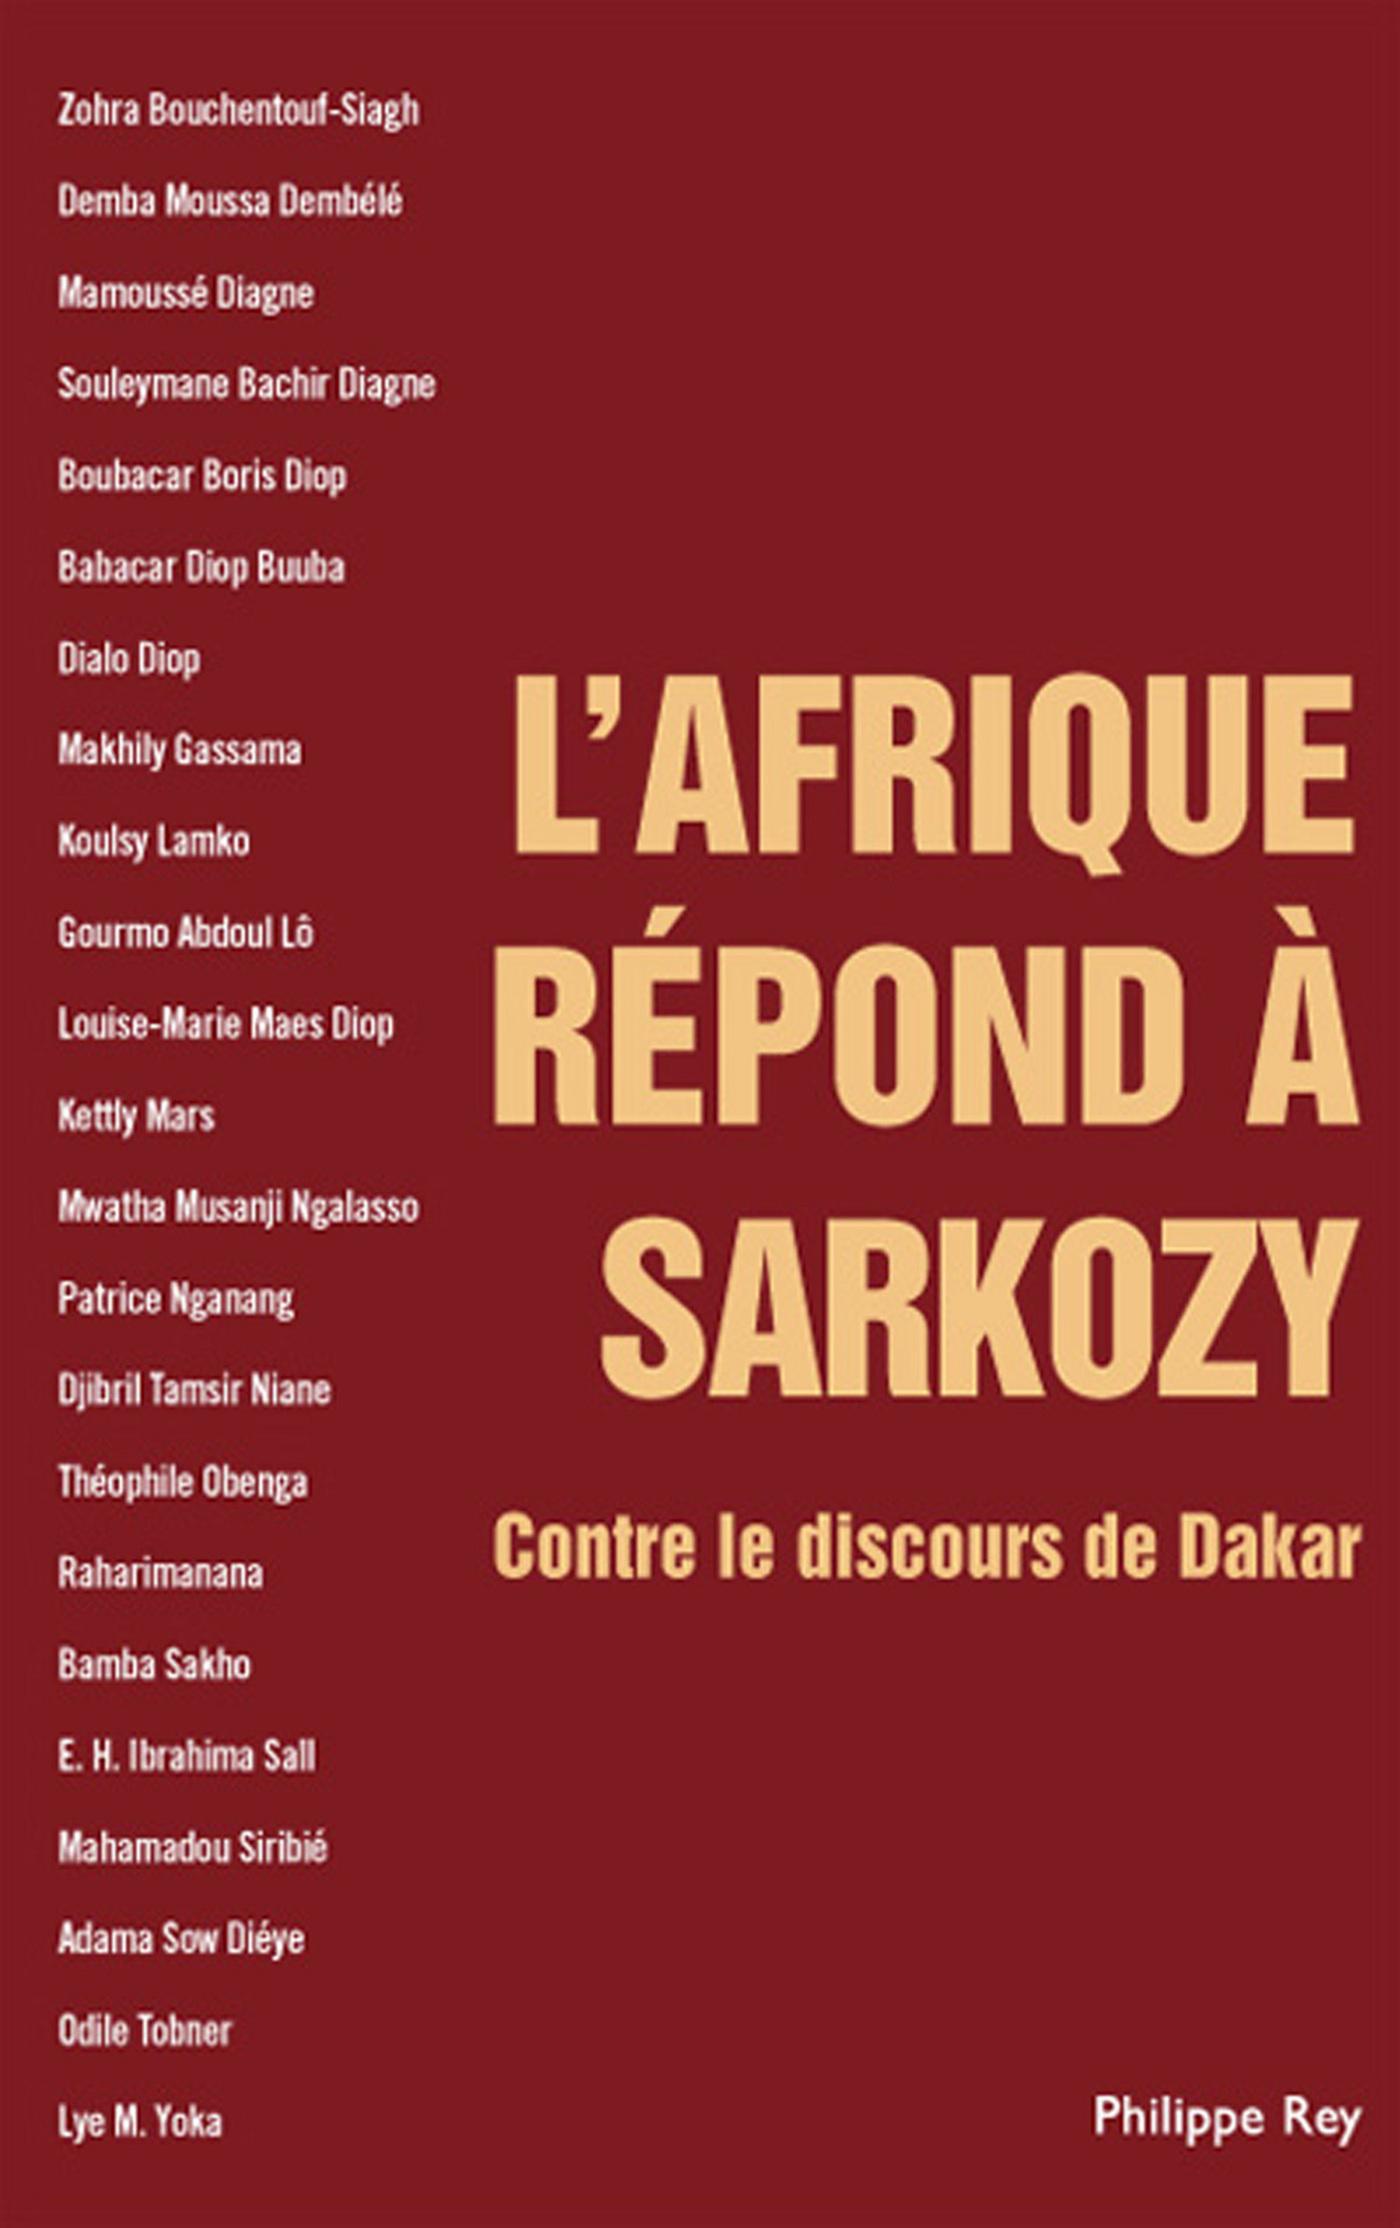 L'Afrique répond à Sarkozy. Contre le discours de Dakar